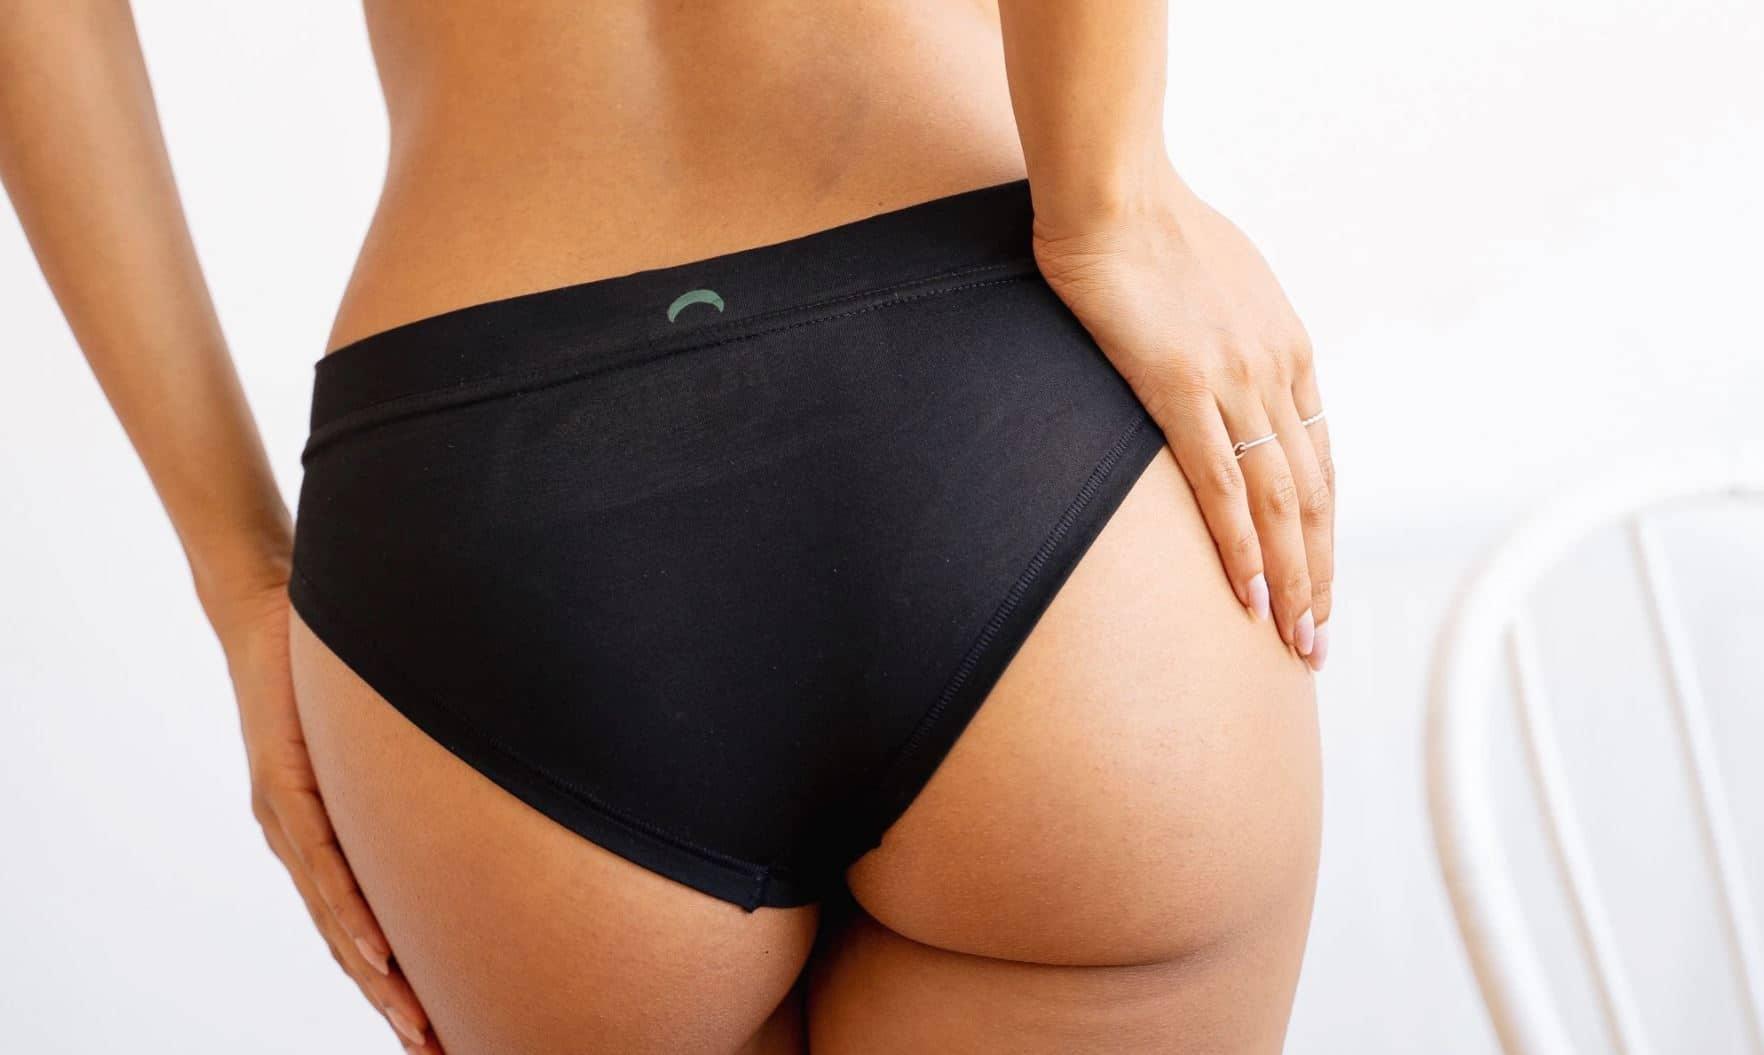 pertes blanches fesses sous vetements culotte noire lingerie intimité